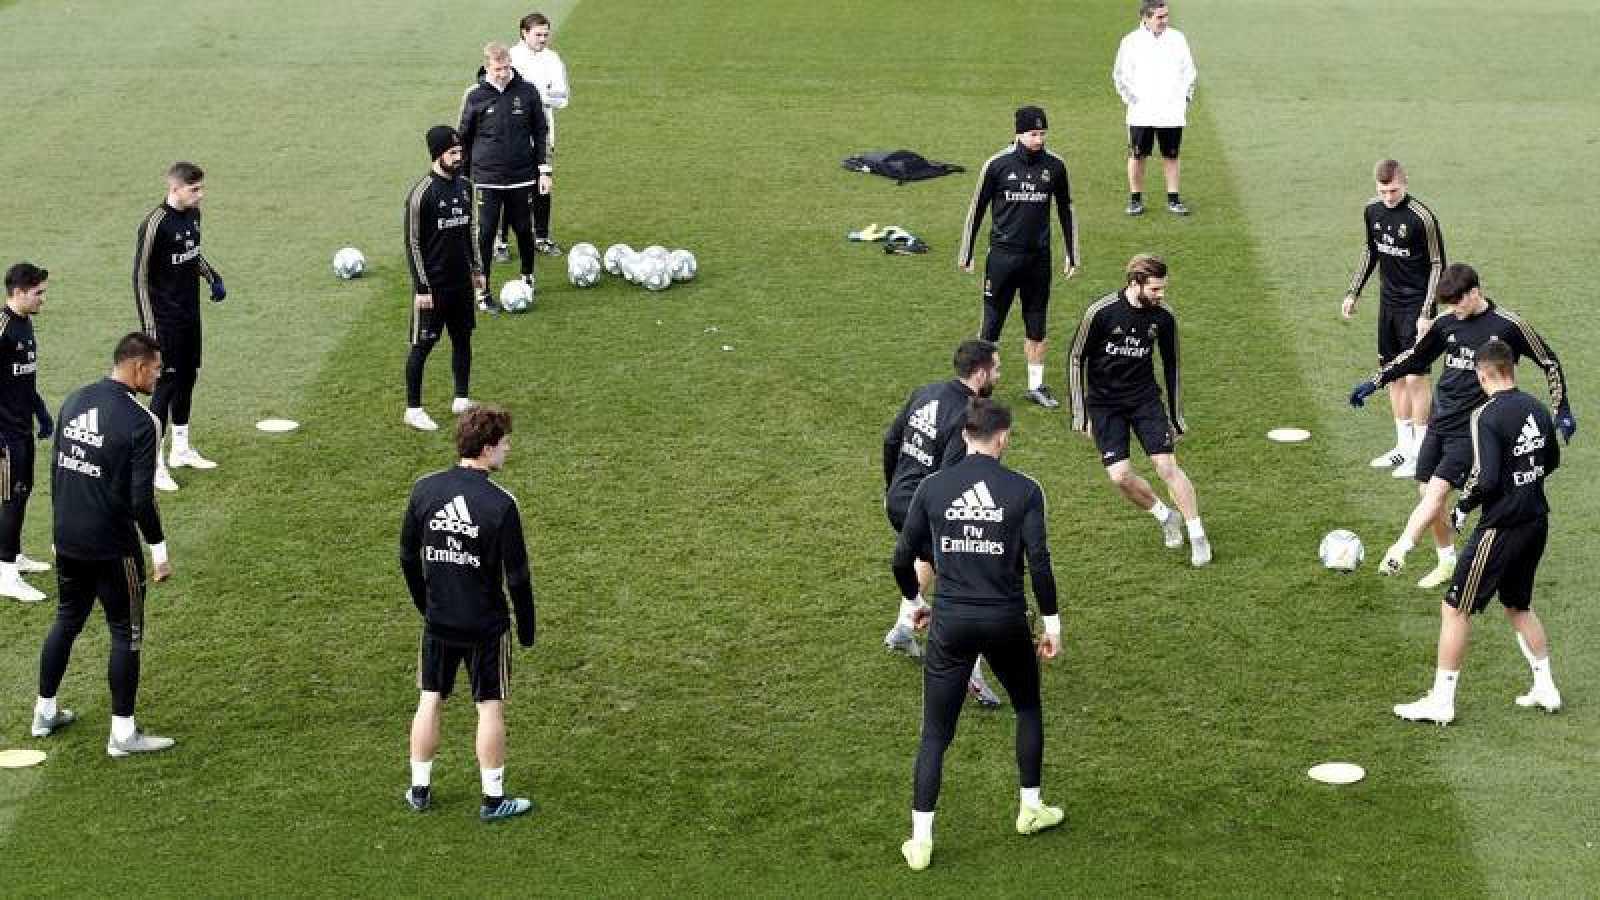 El Madrid afronta el trámite de Brujas pensando en la Liga